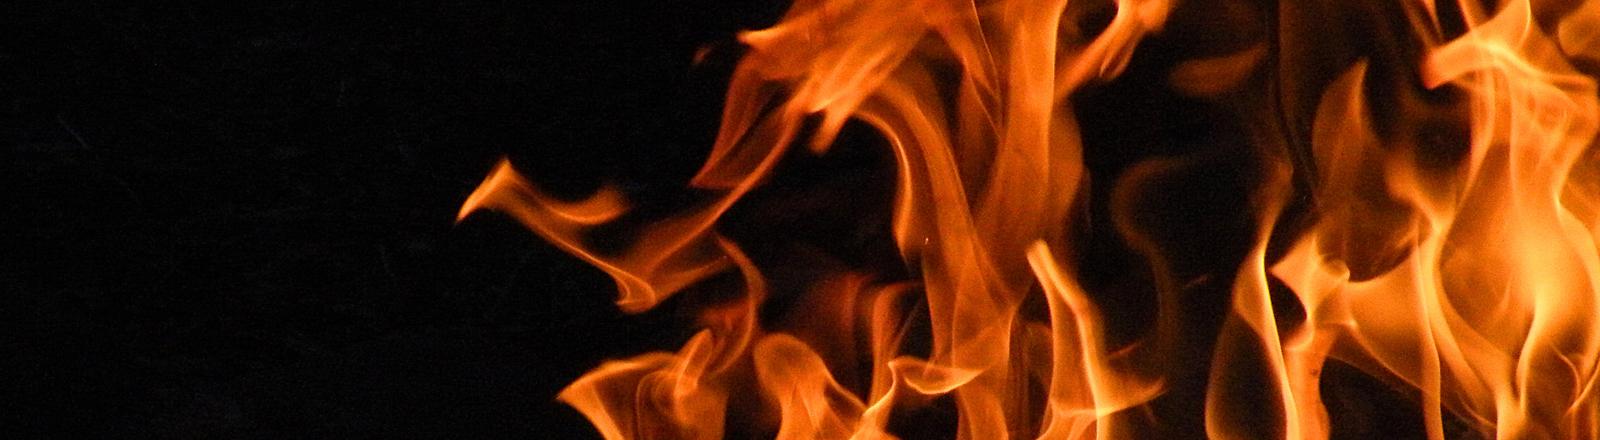 Flammen lodern in der Nacht.